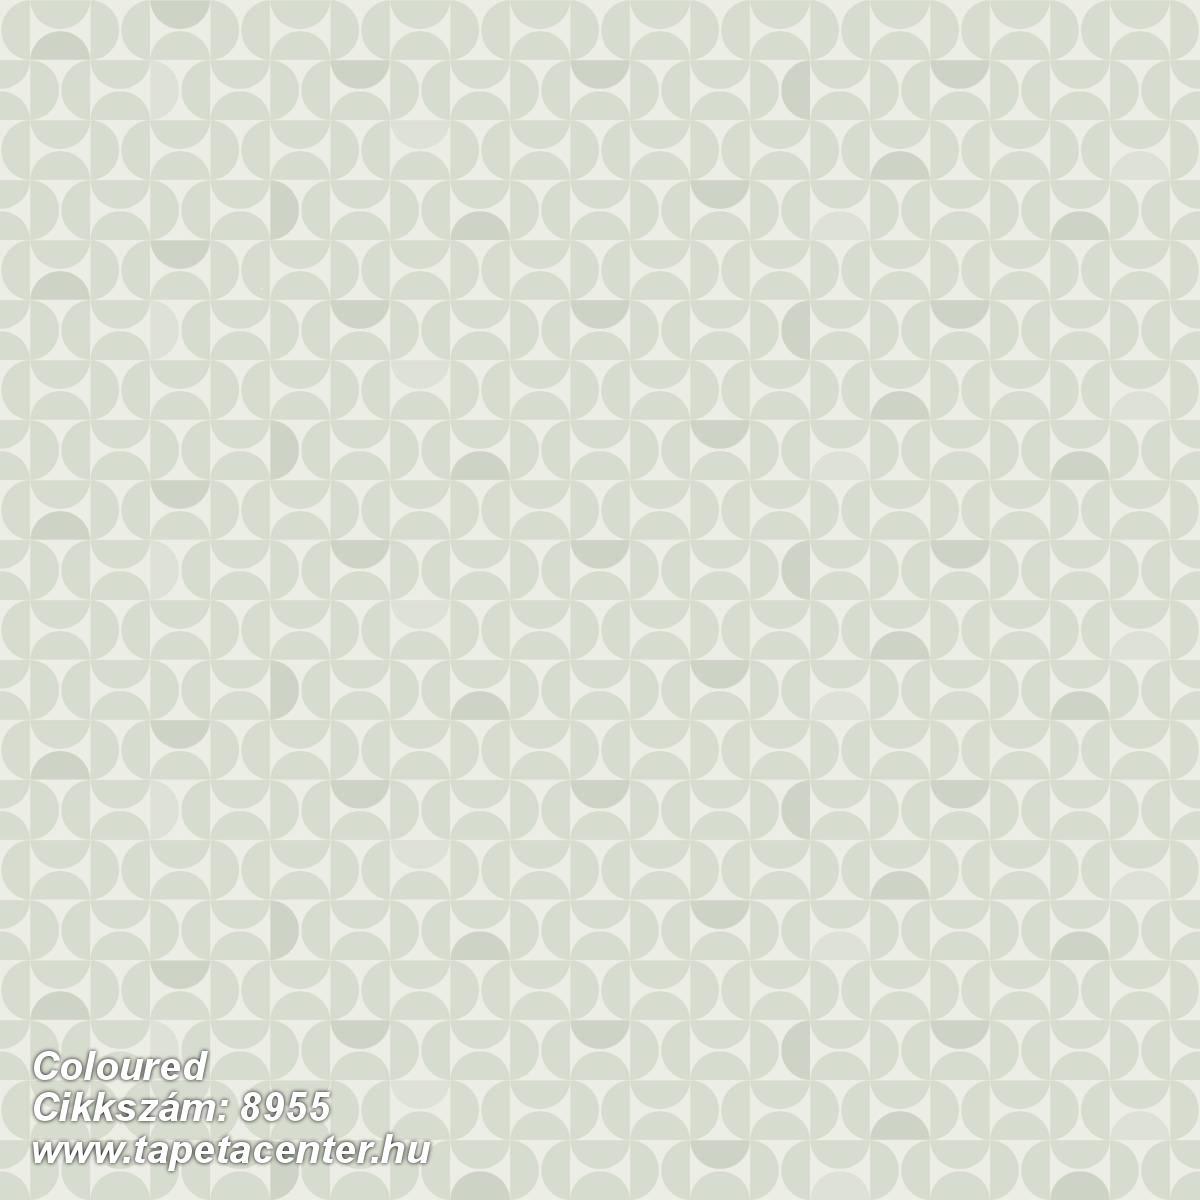 Geometriai mintás,különleges felületű,zöld,lemosható,vlies tapéta